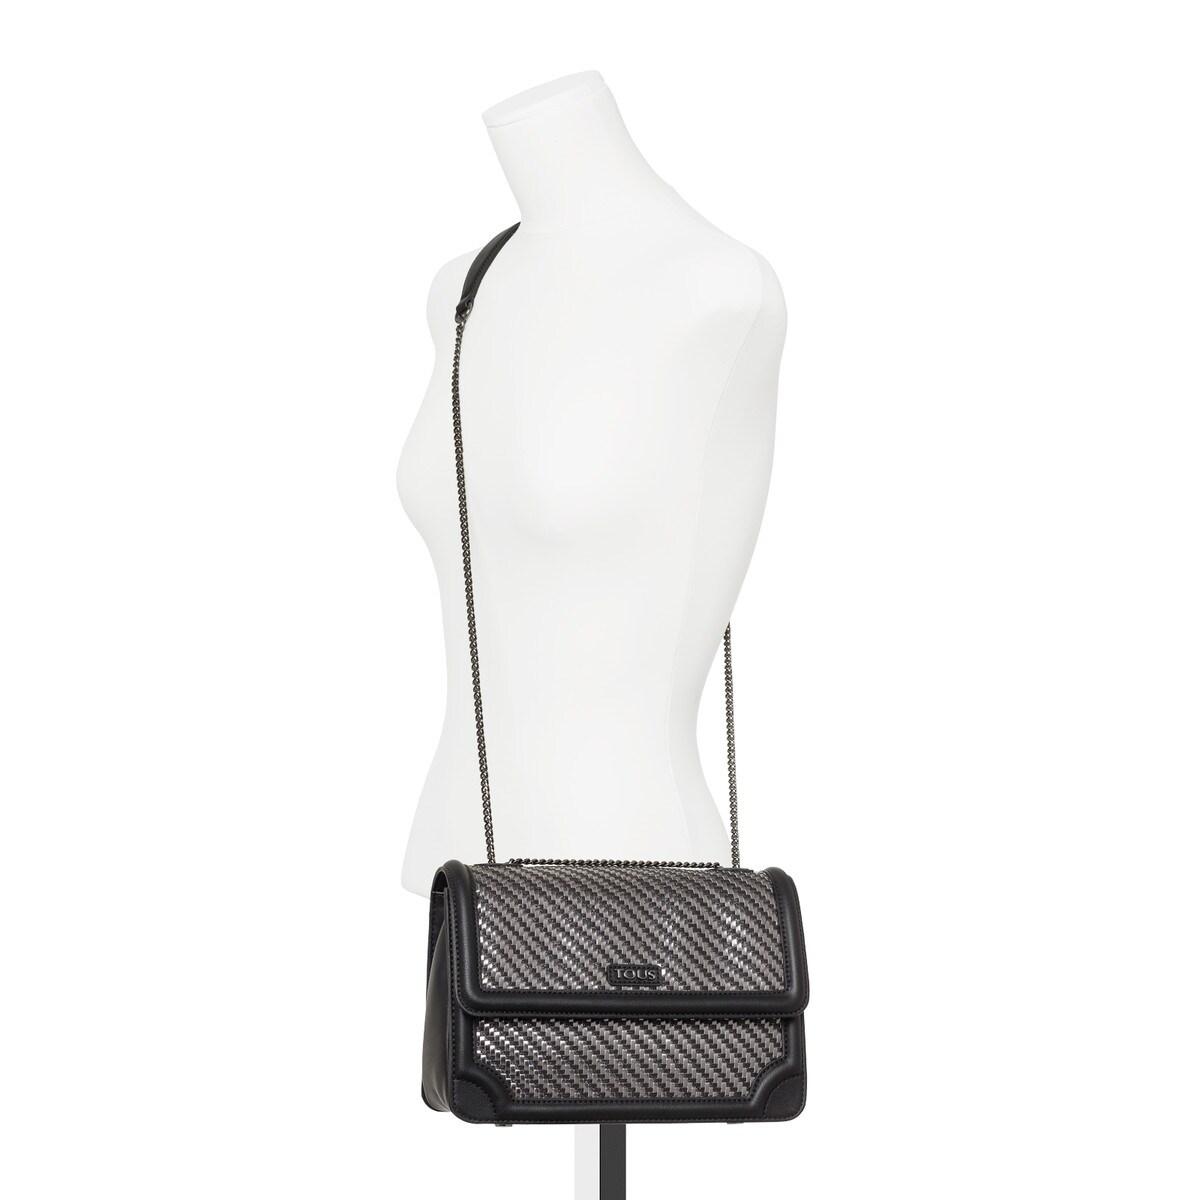 96635afc6097 Medium black-silver Obraian Braided Crossbody bag - Tous Site GB